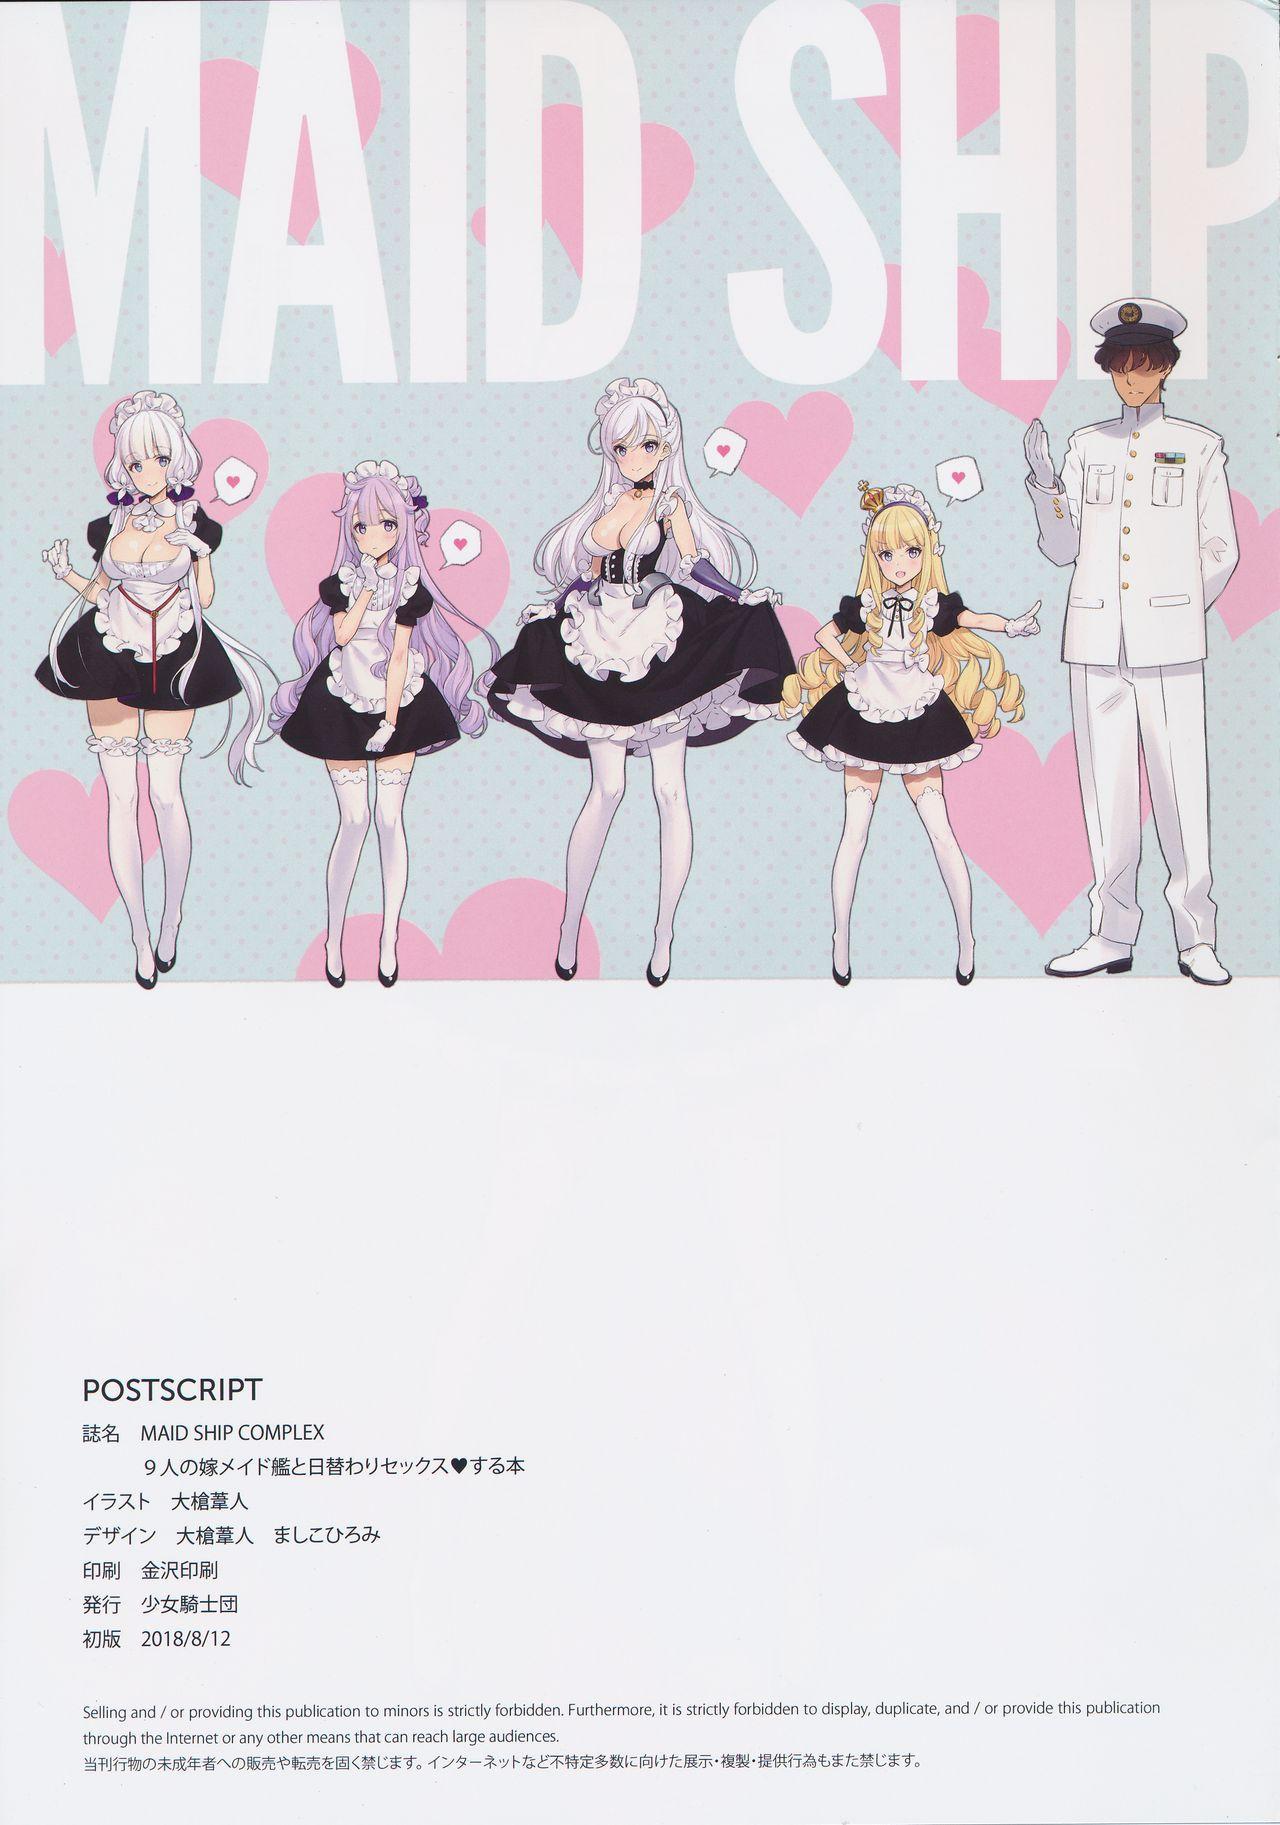 (C94) [Shoujo Kishidan (Oyari Ashito)] MAID SHIP COMPLEX - 9-nin no Yome Maid Kan to Higawari Sex Suru Hon (Azur Lane) 2